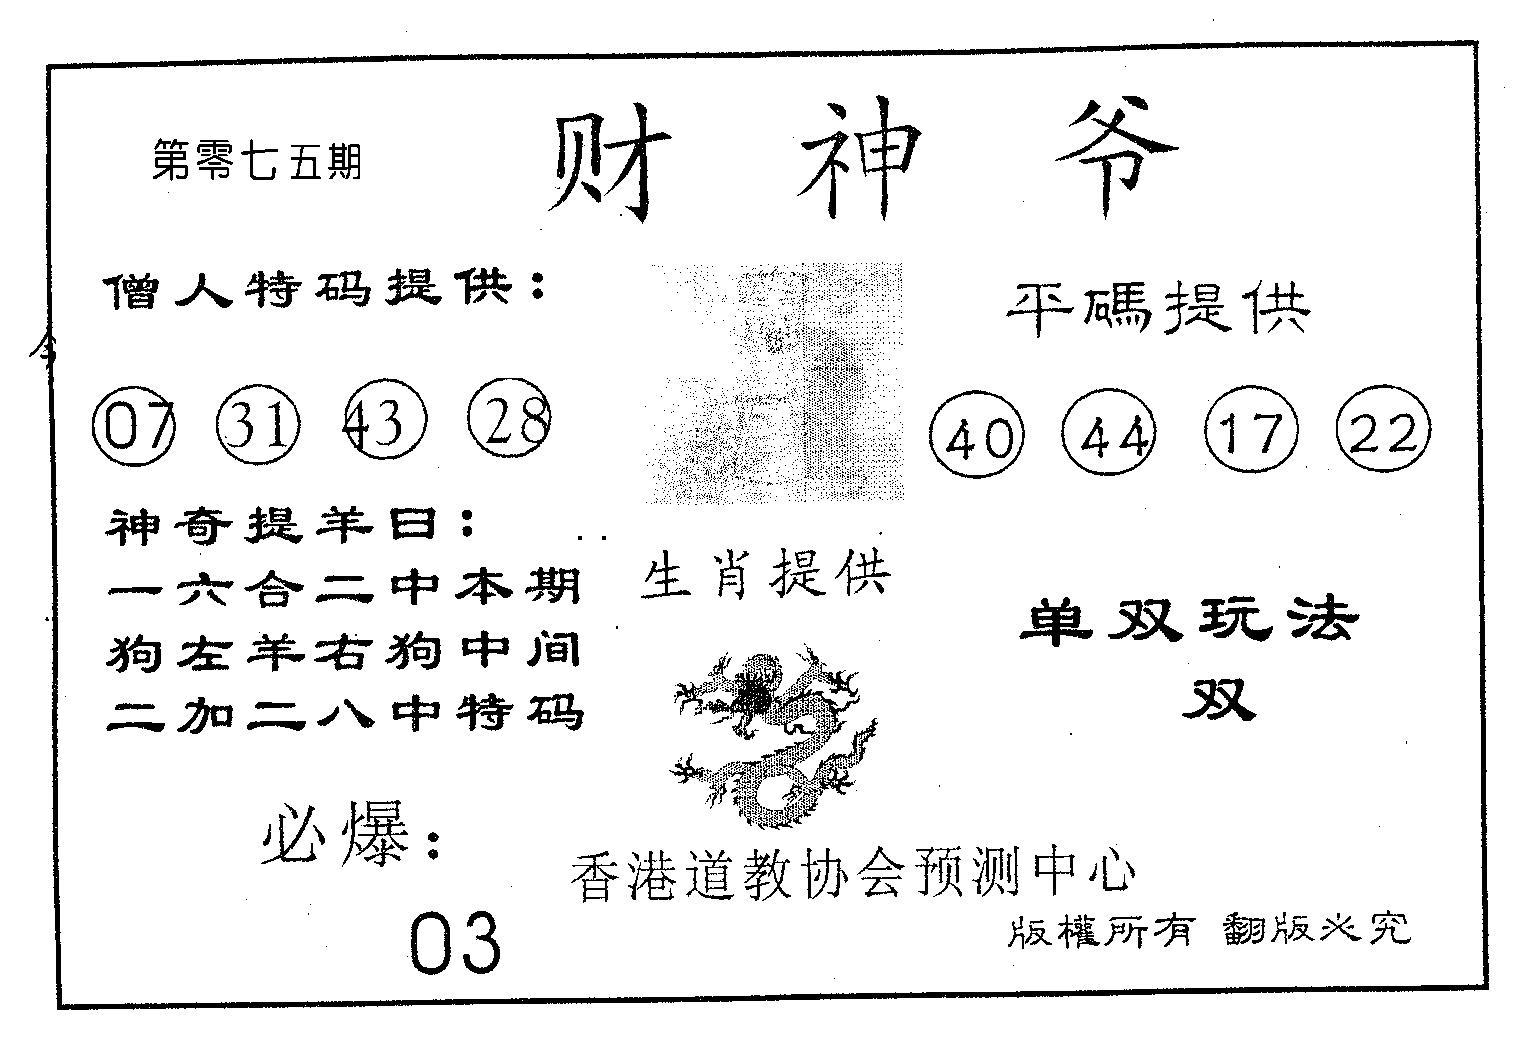 075期财神爷(黑白)